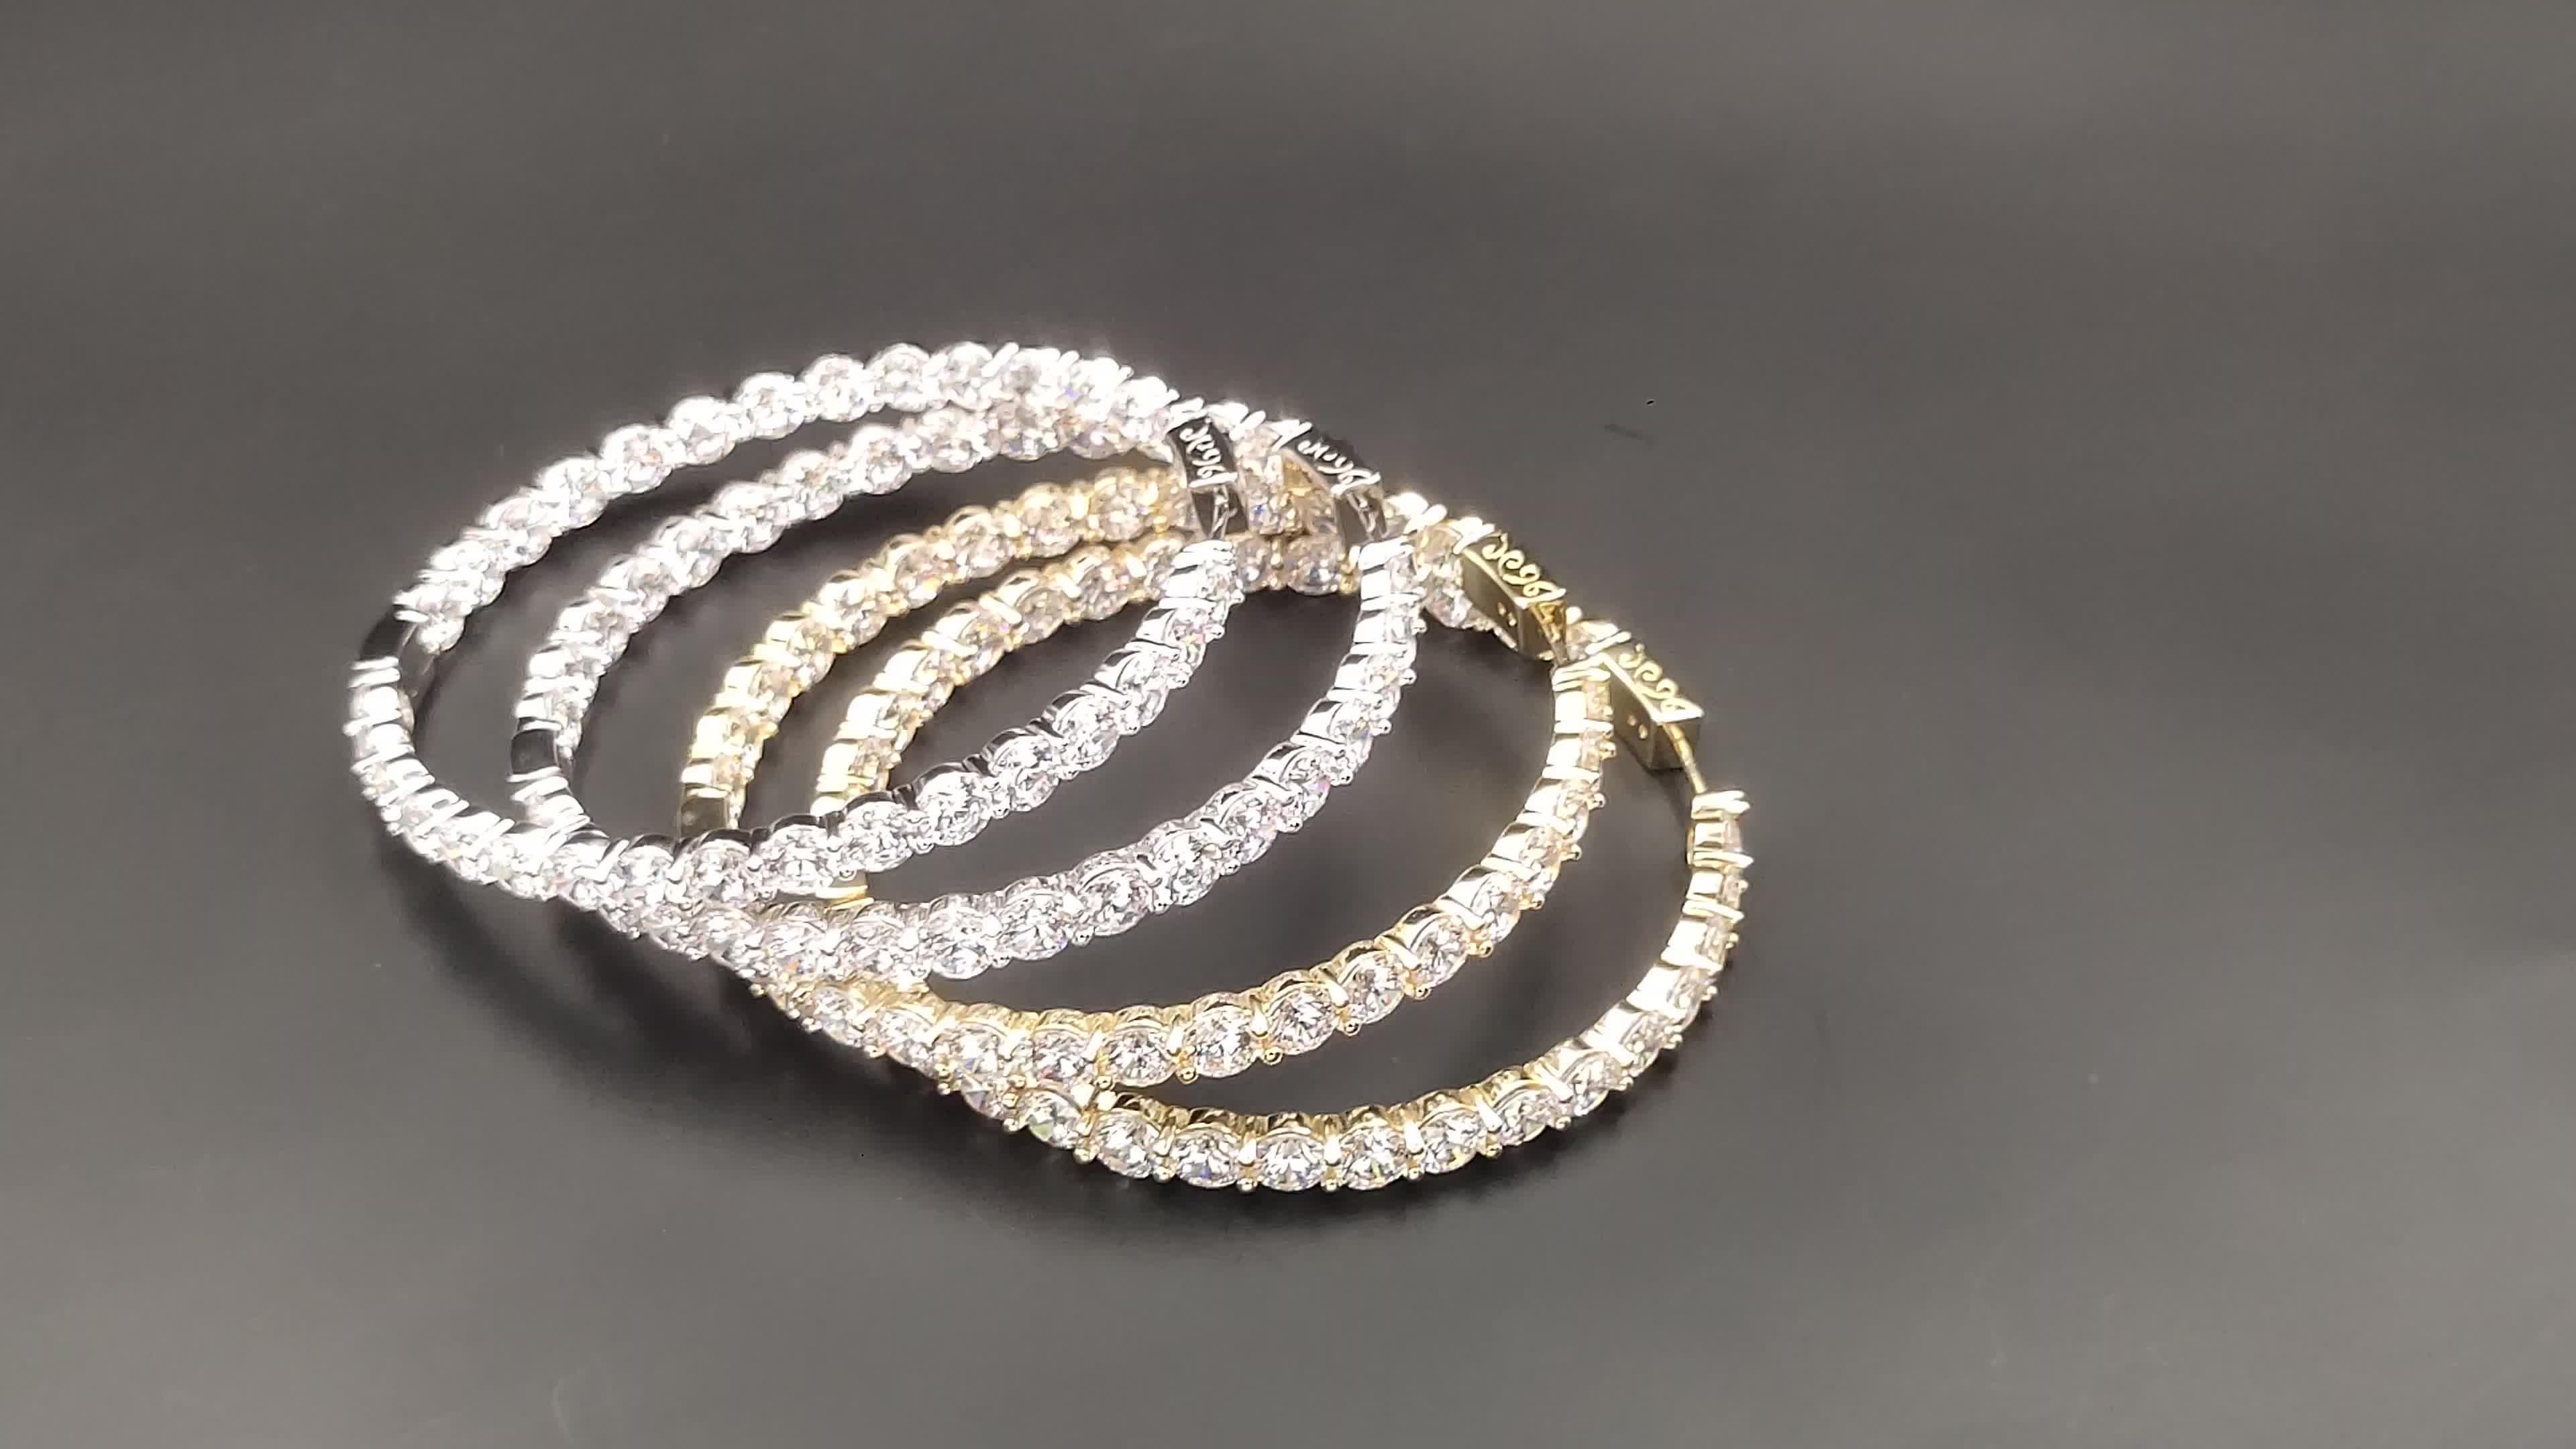 Nuevos pendientes de moda para mujer, pendientes de aro de piedra cz chapados en oro sólido Real de 14K